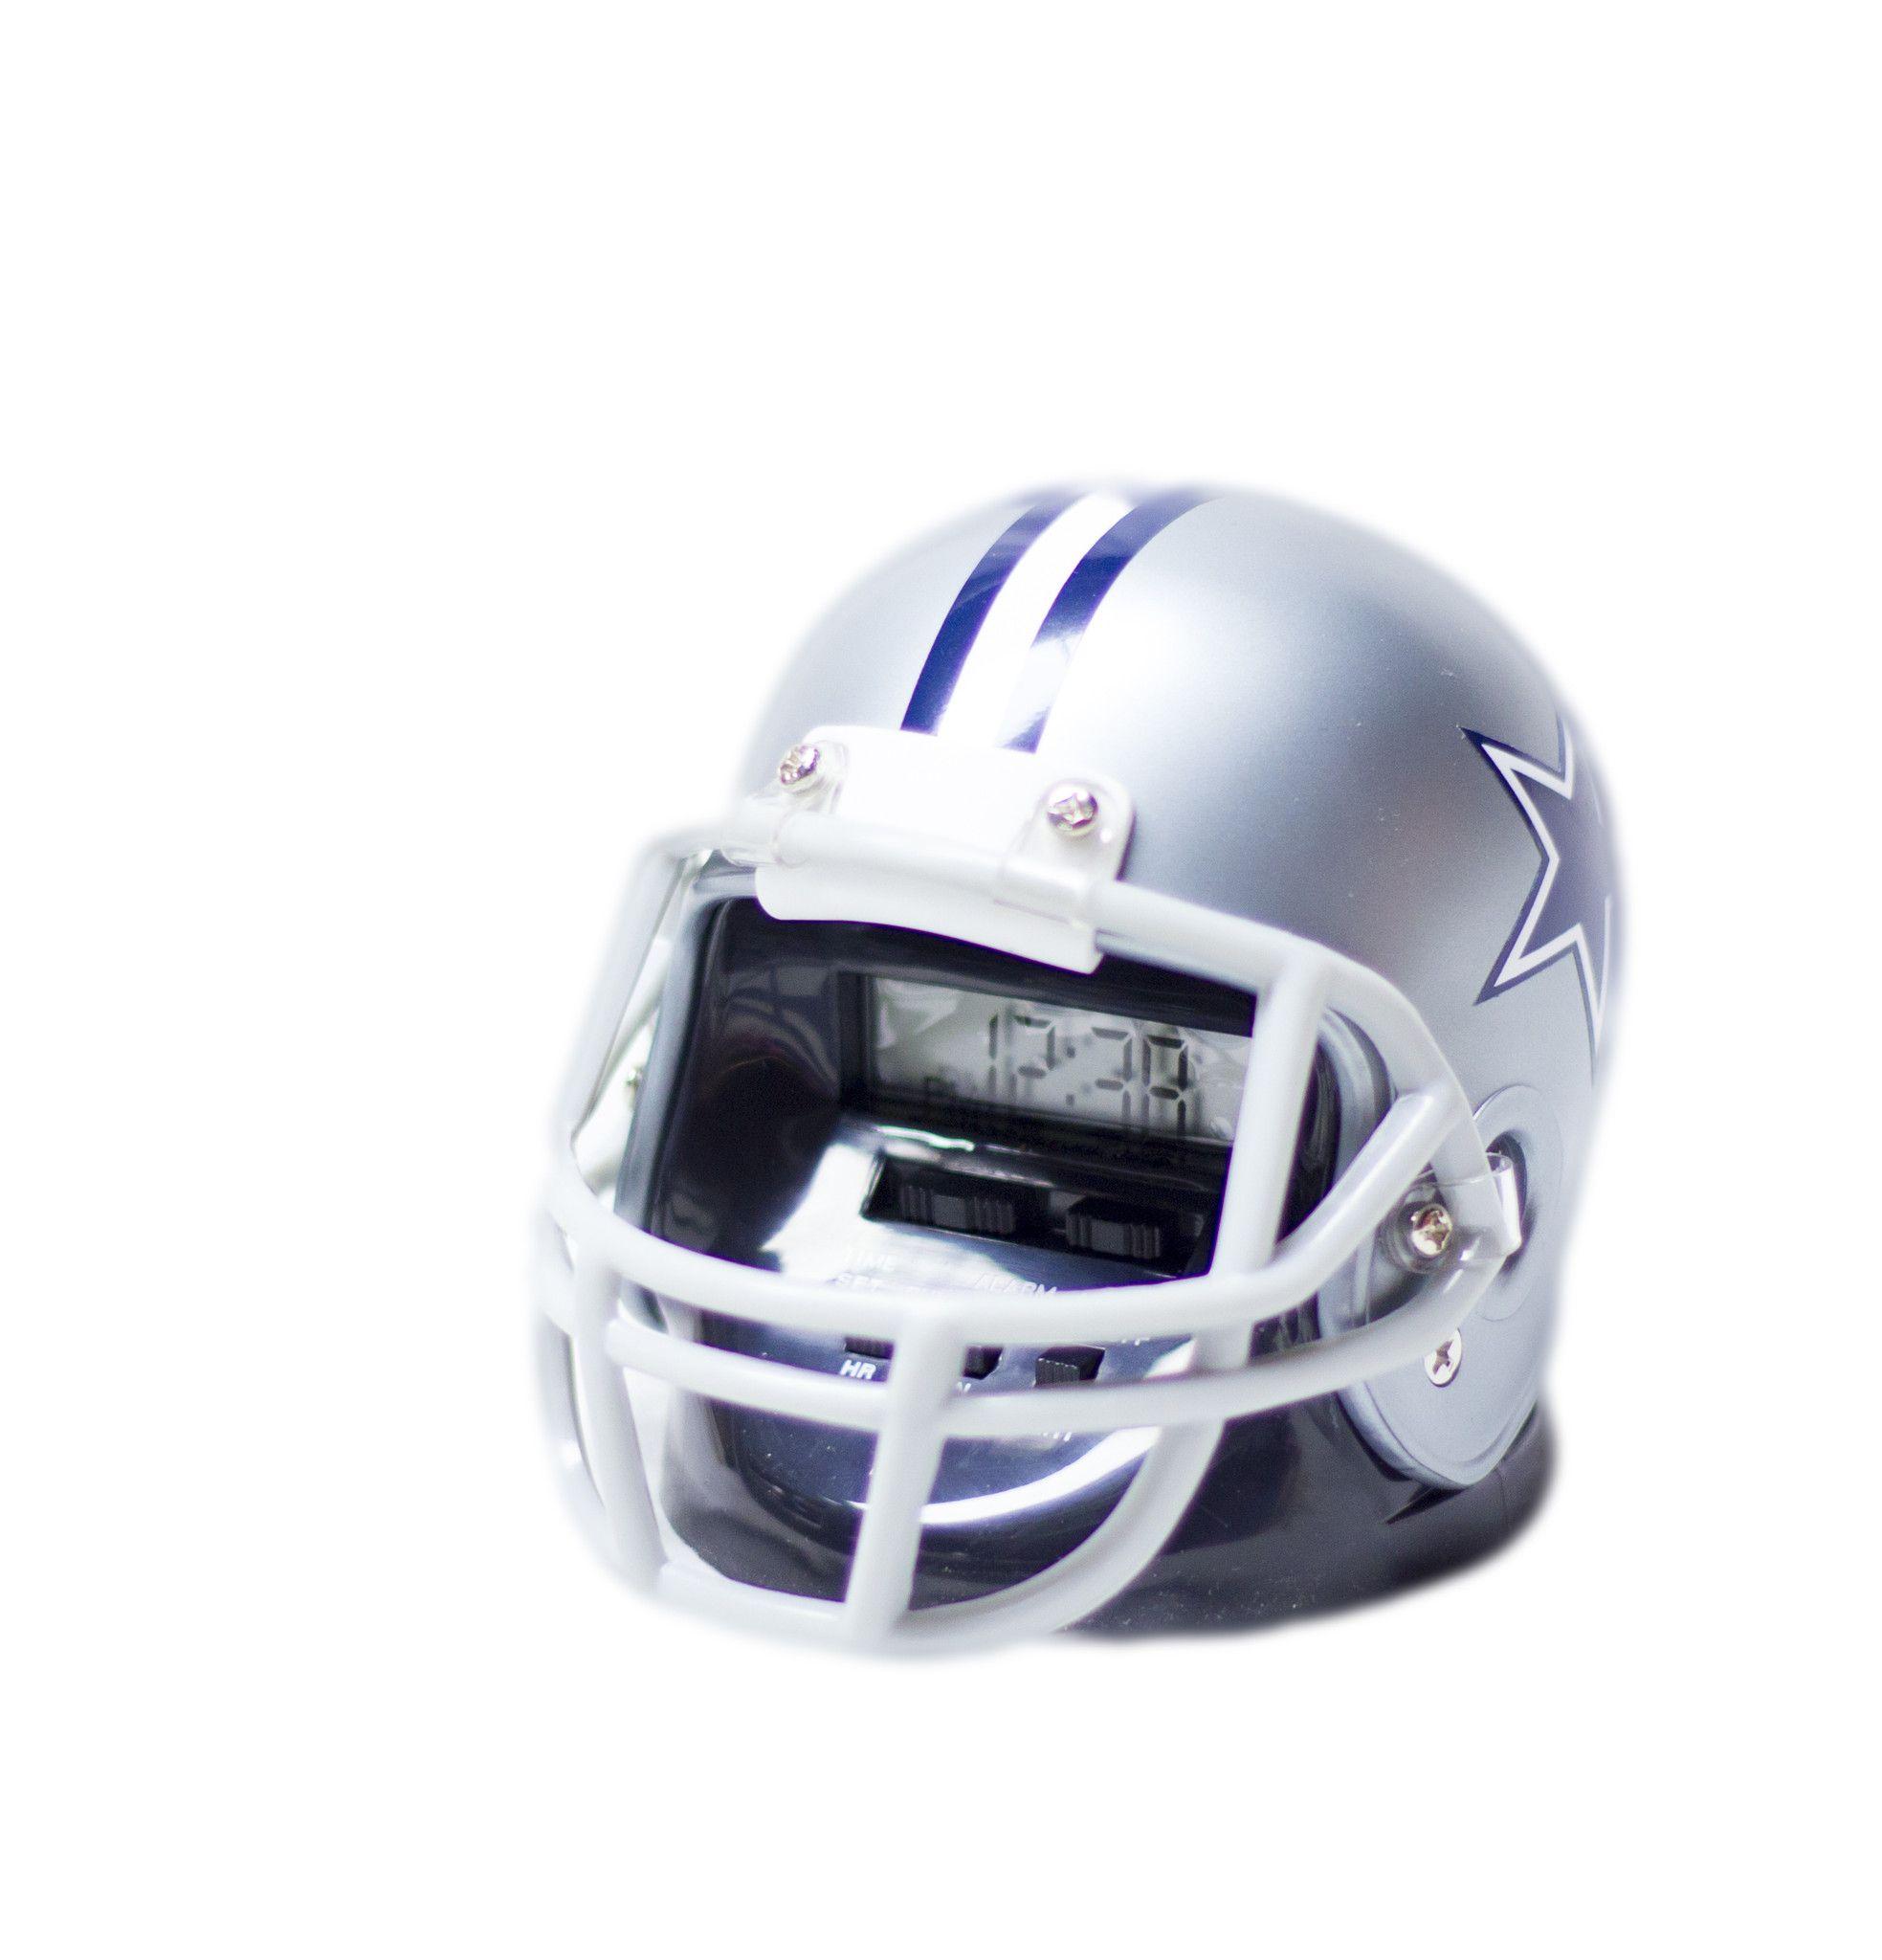 Dallas Cowboys helmet alarm clock